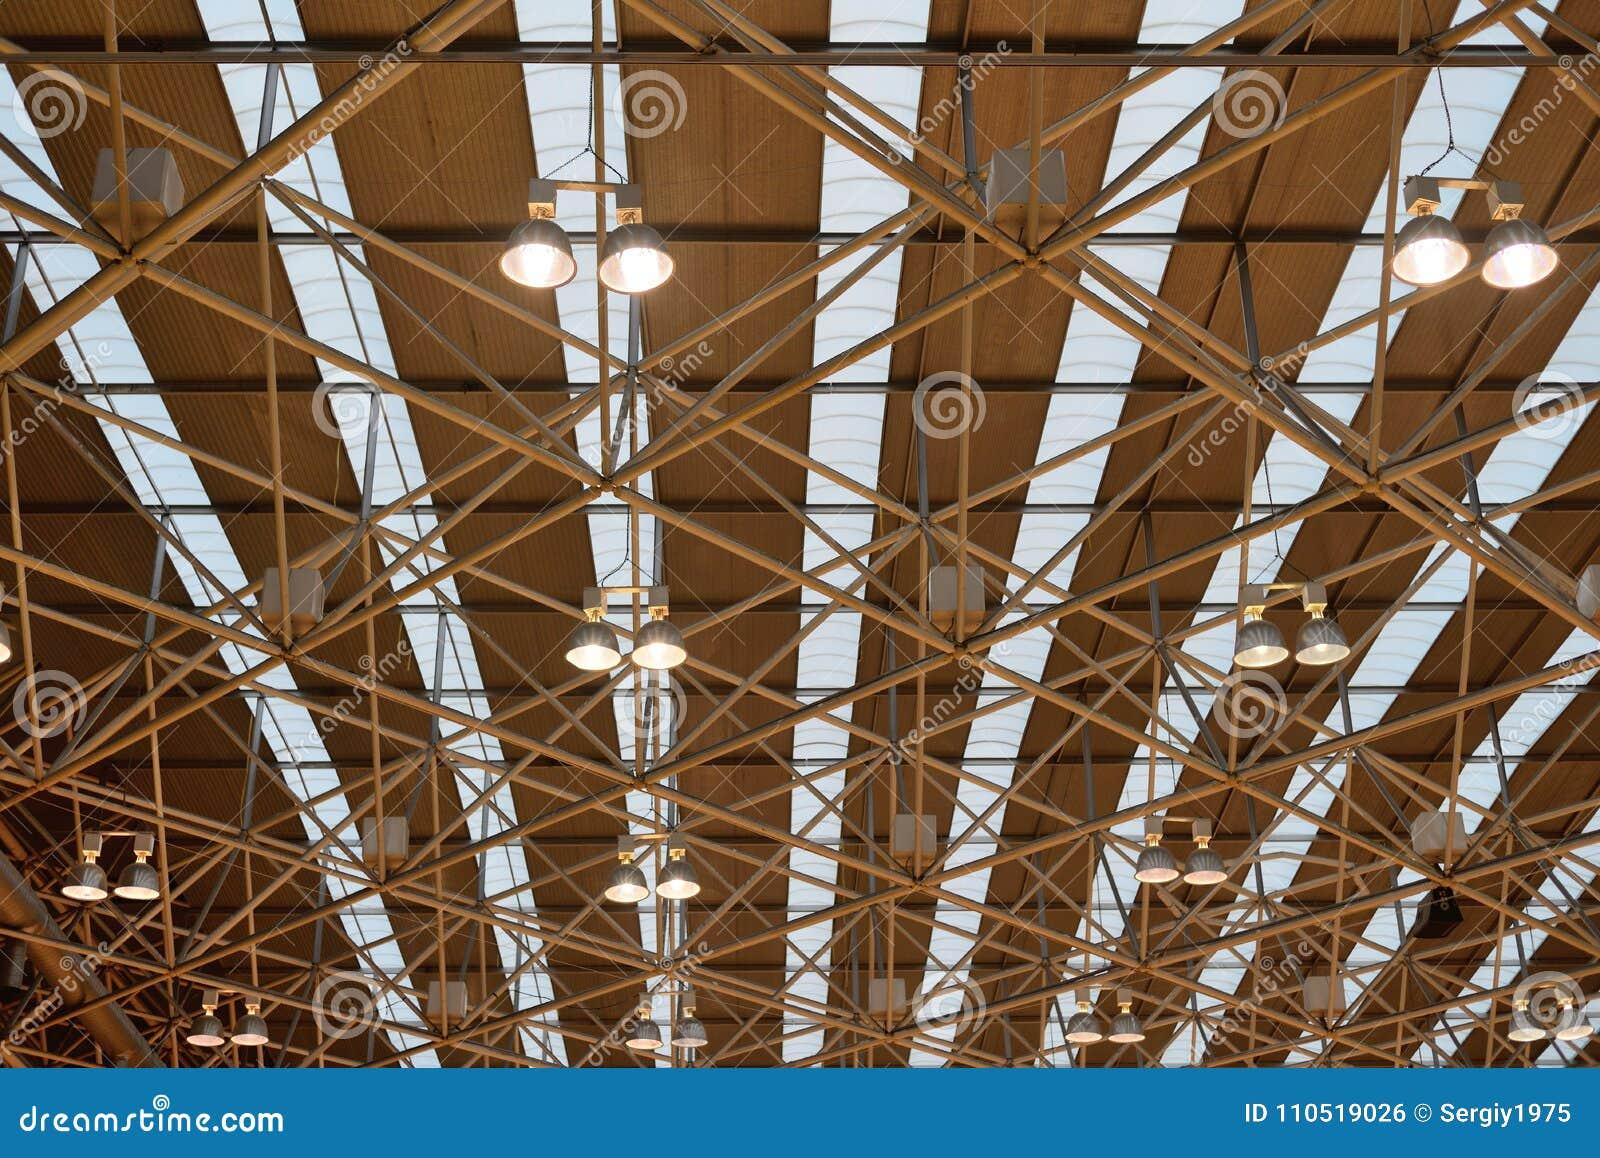 Plafoniere Industriali : Plafoniere industriali nel padiglione fotografia stock immagine